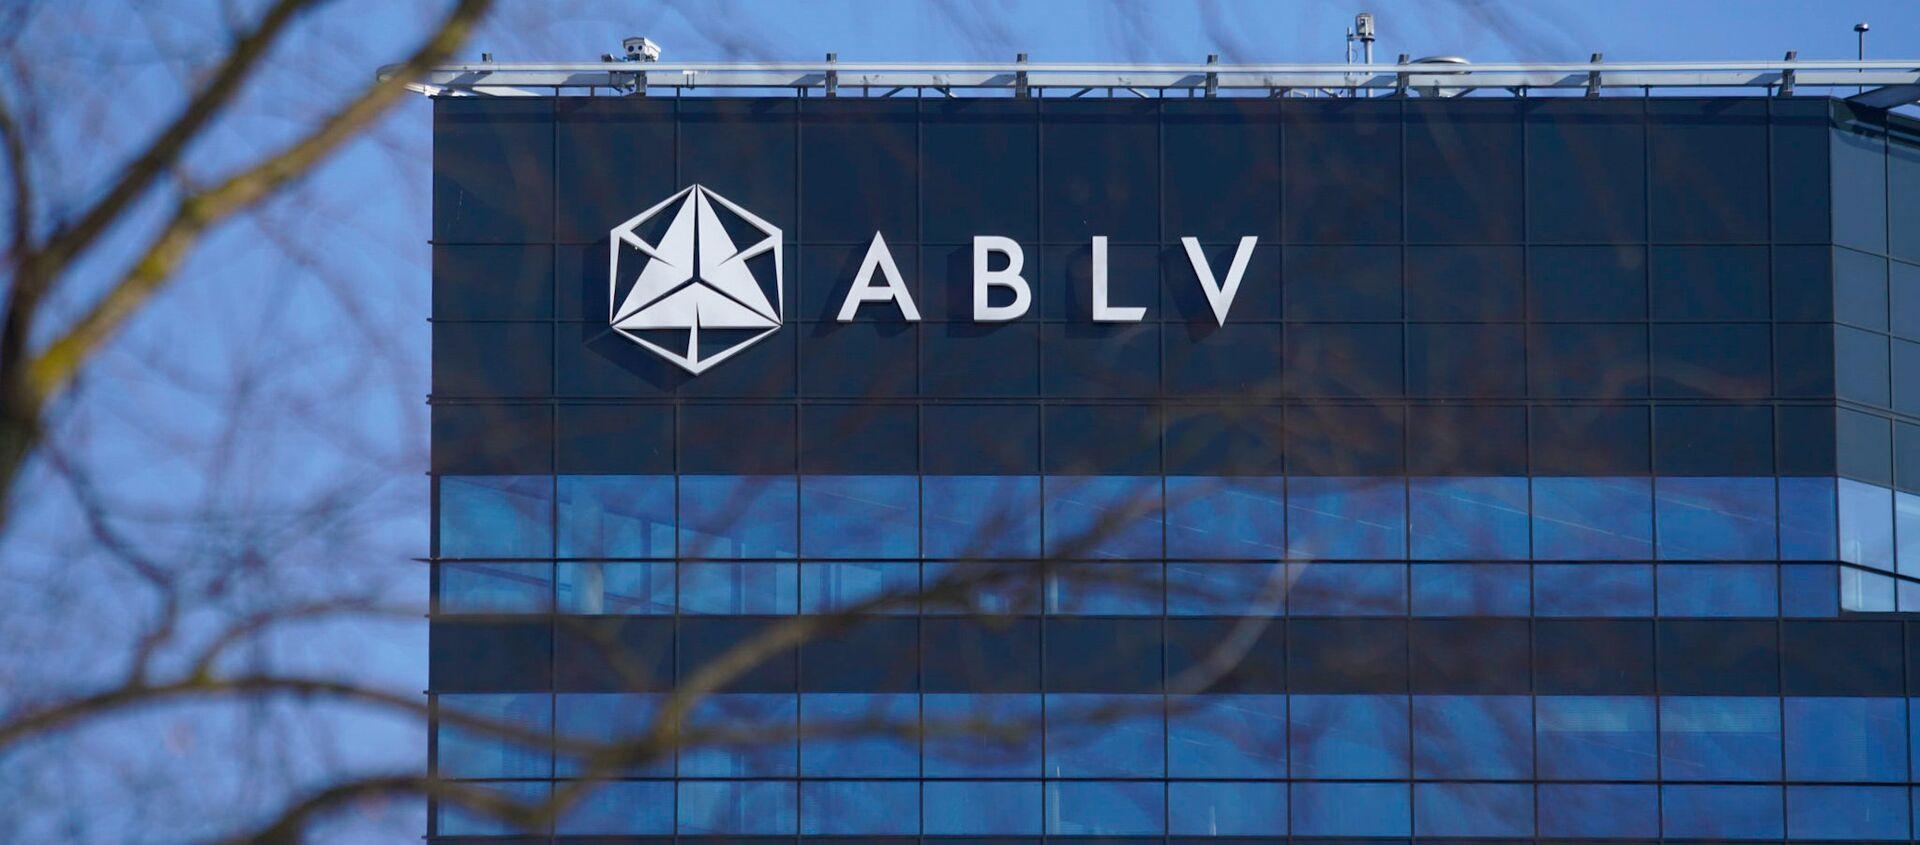 Банк ABLV - Sputnik Латвия, 1920, 14.04.2021